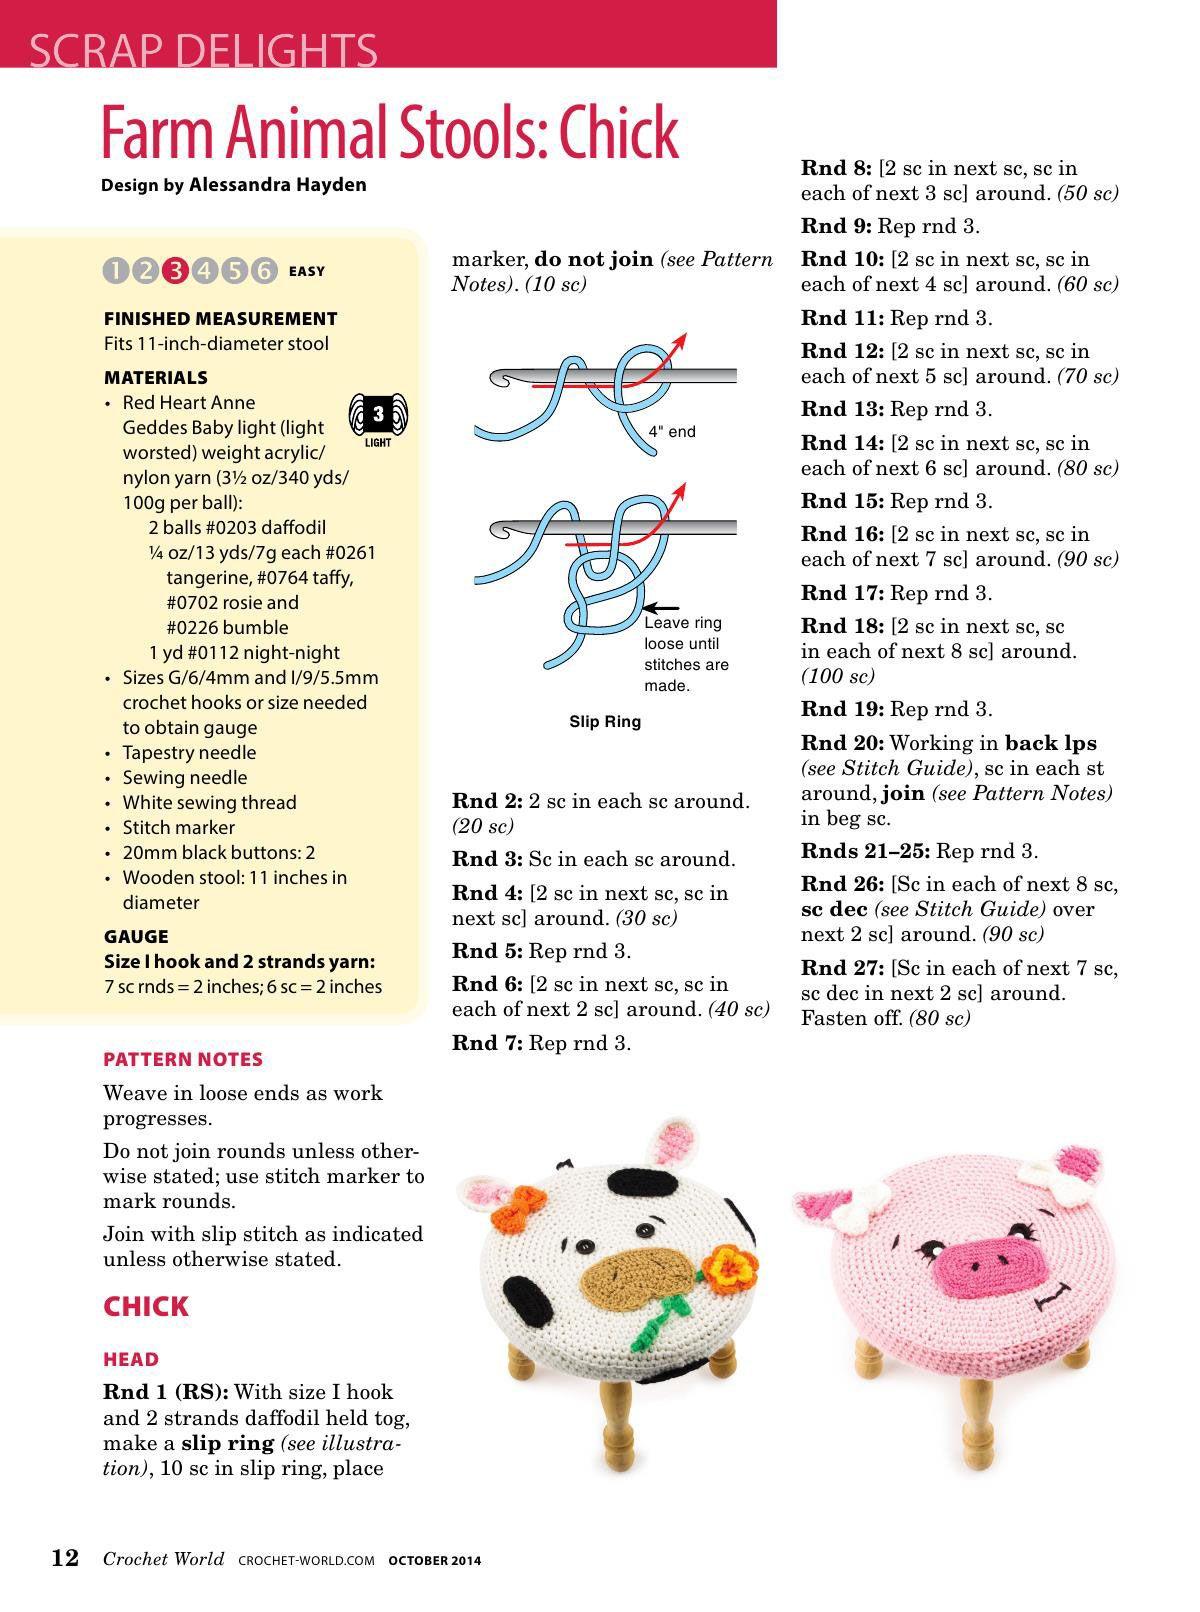 Farm Animal Stools Crochet Cover | crochet | Pinterest | Crochet ...